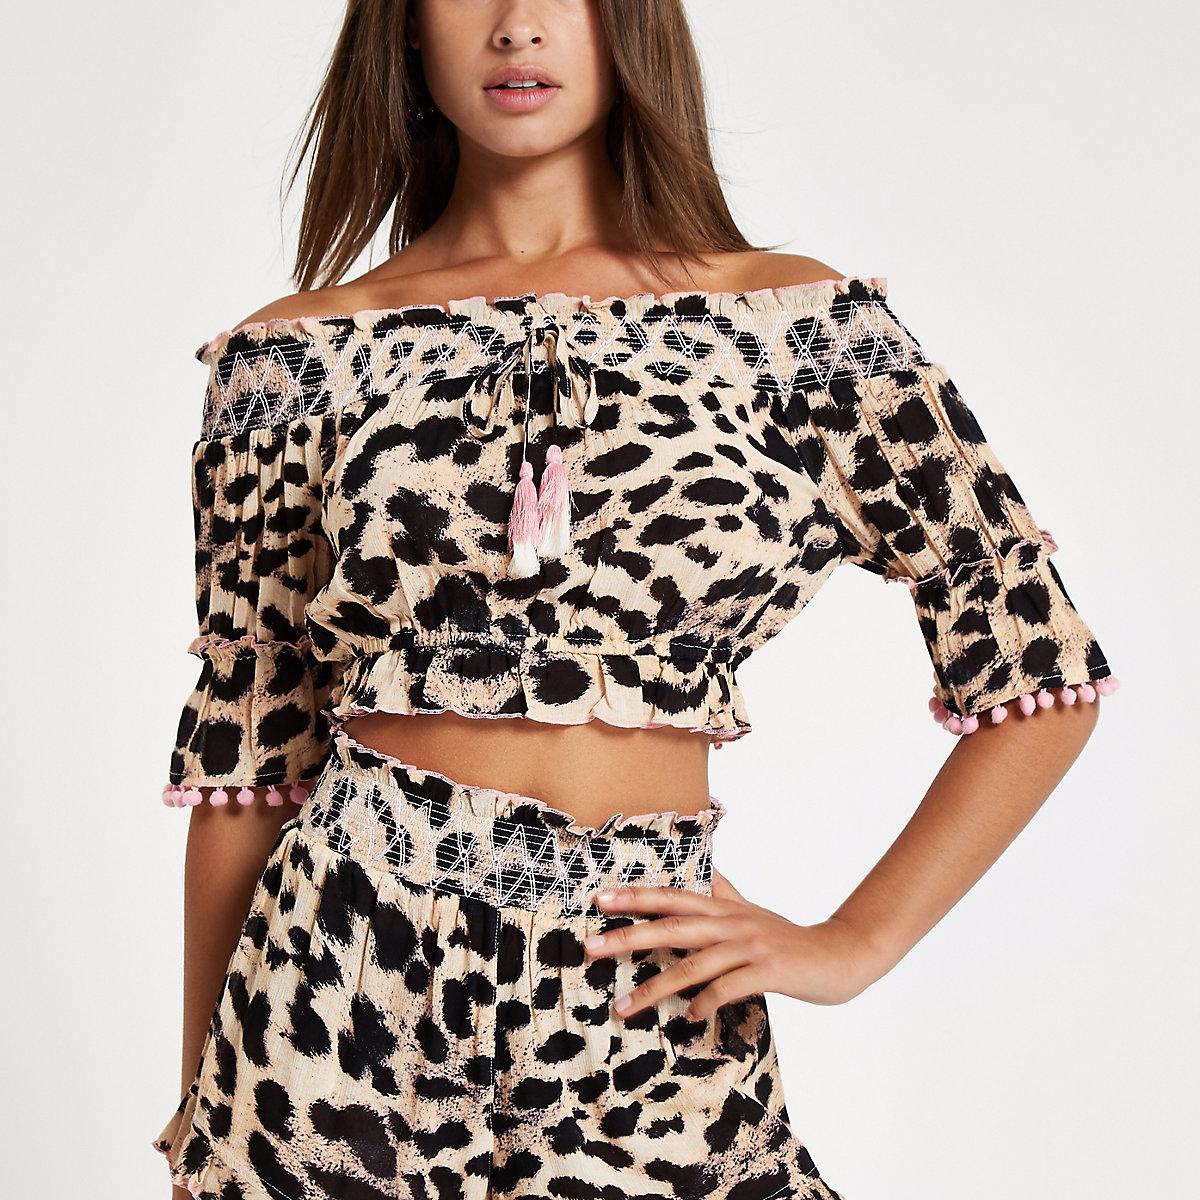 Crop top de plage style Bardot marron à imprimé léopard